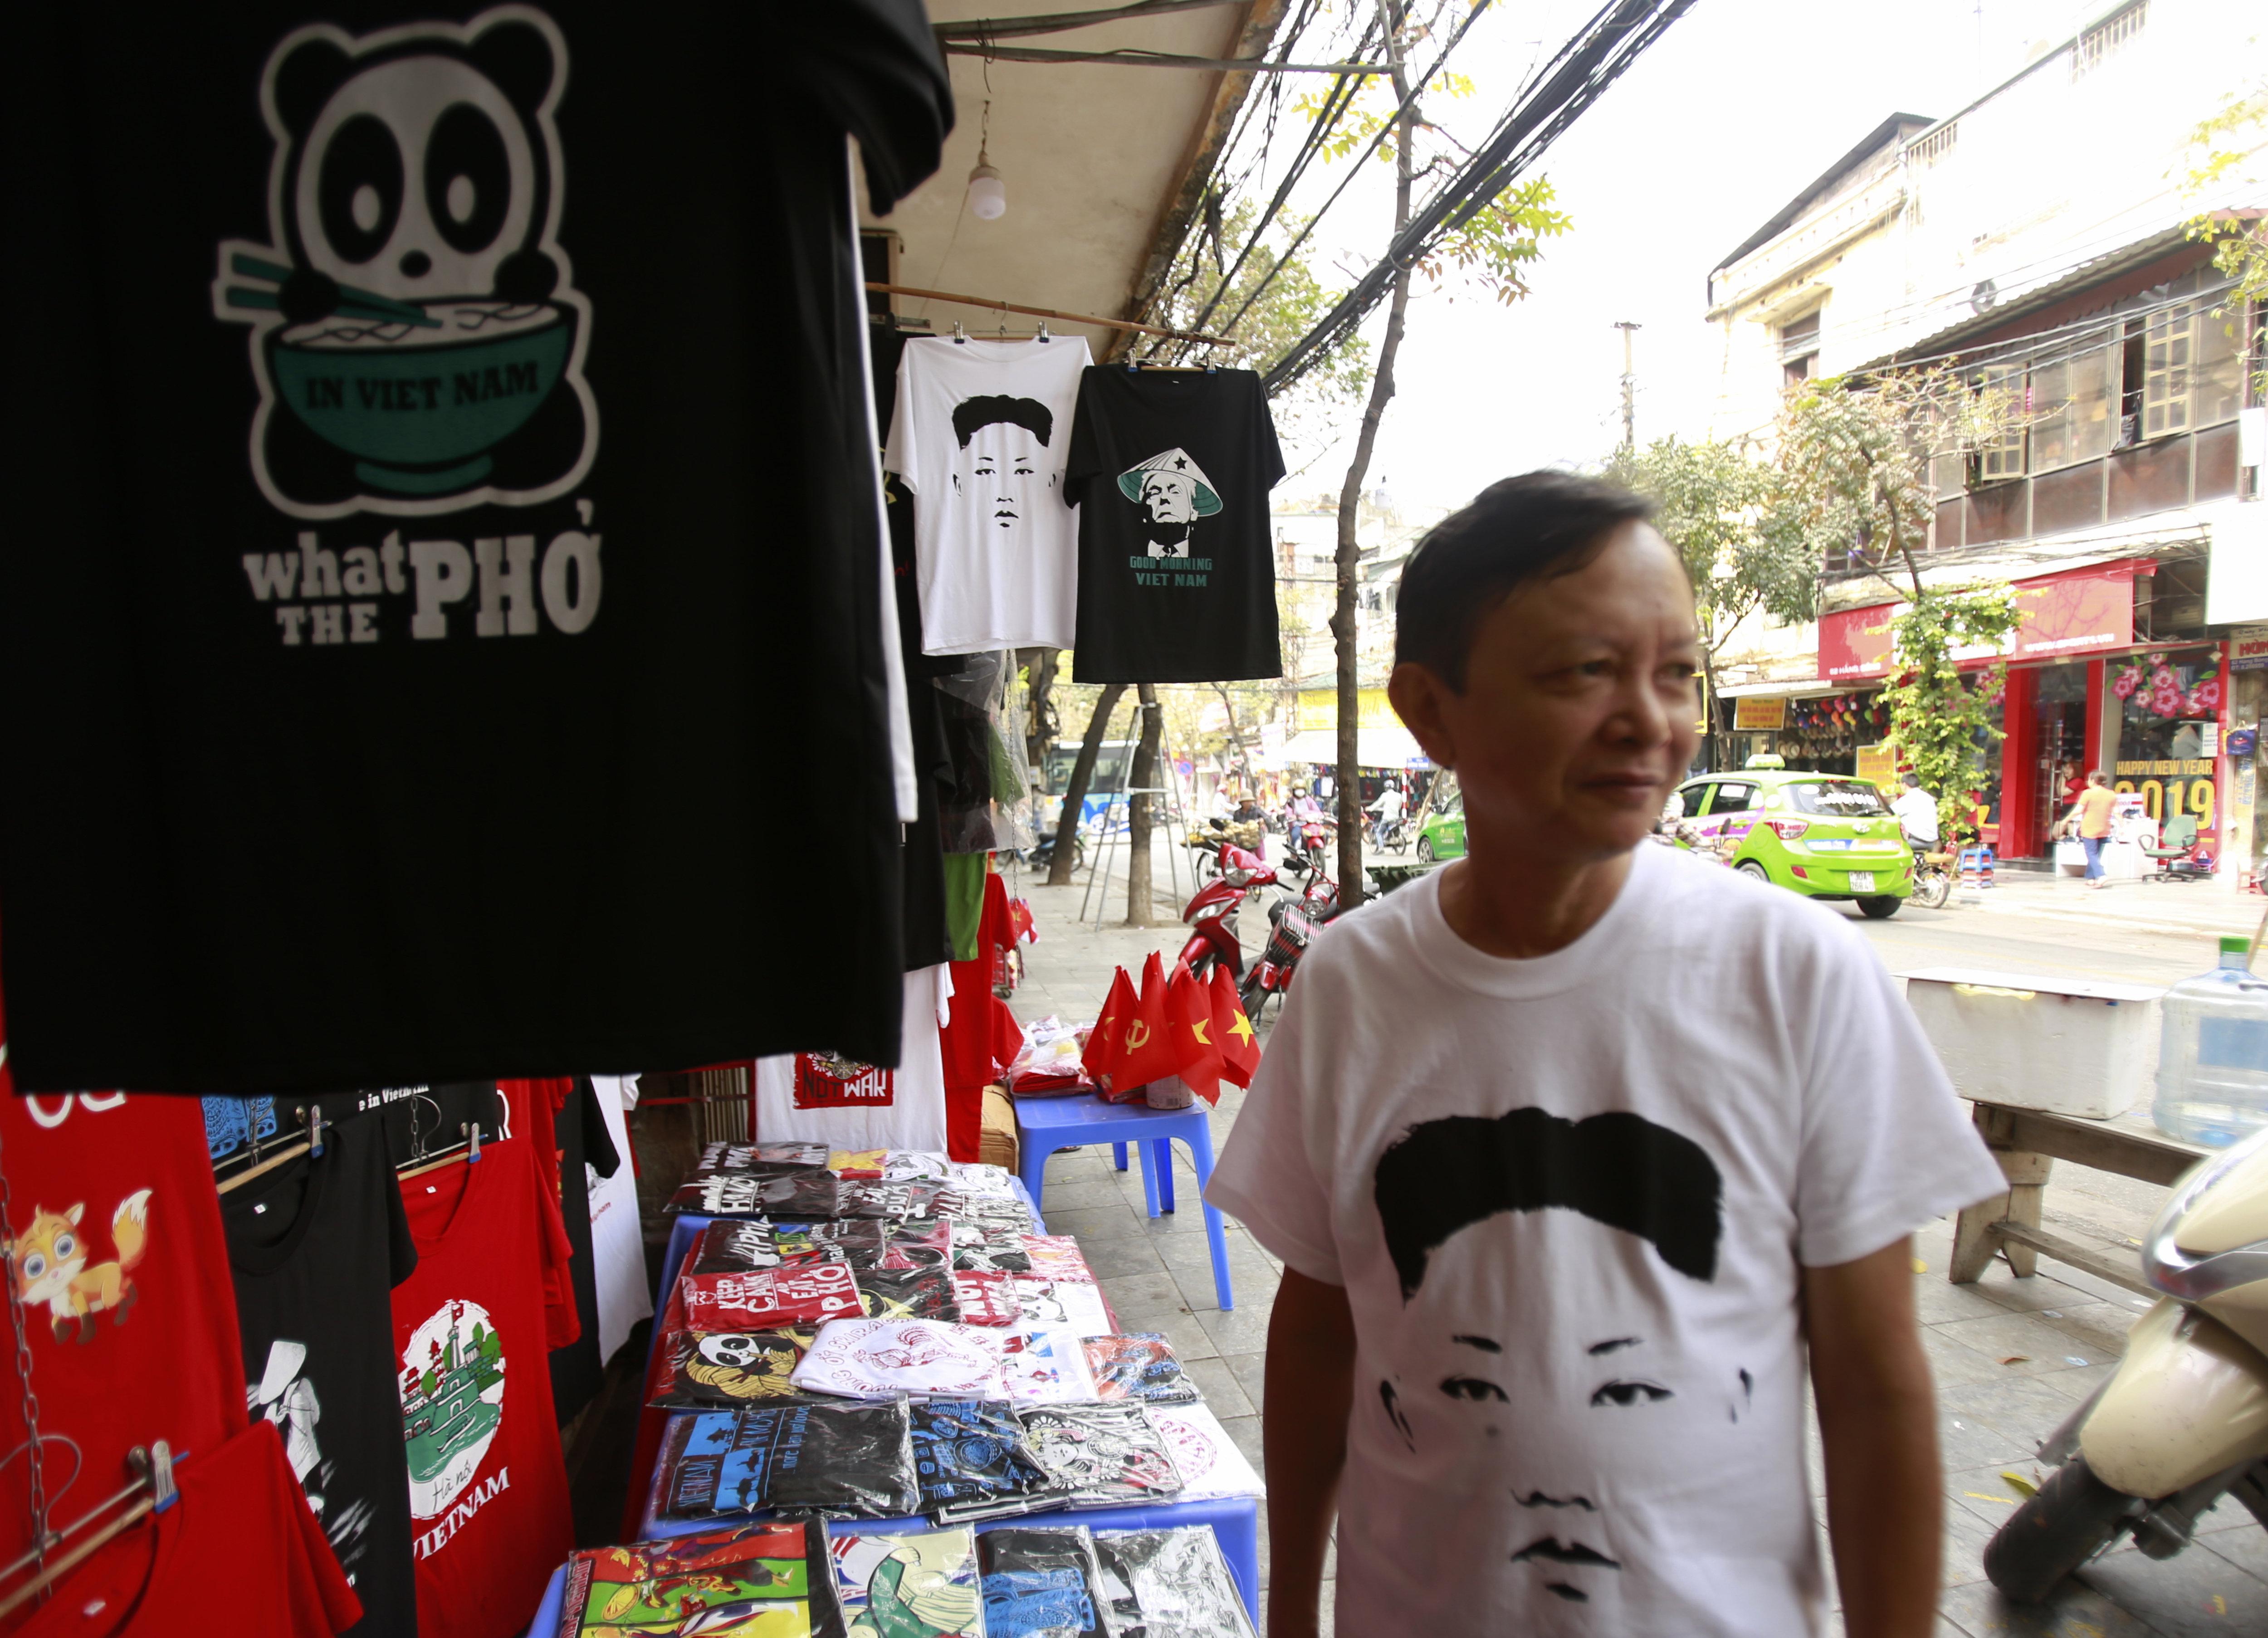 Truong Thanh Duc con una camiseta del líder norcoreano Kim Jong-un en su tienda ubicada del centro de Hanoi